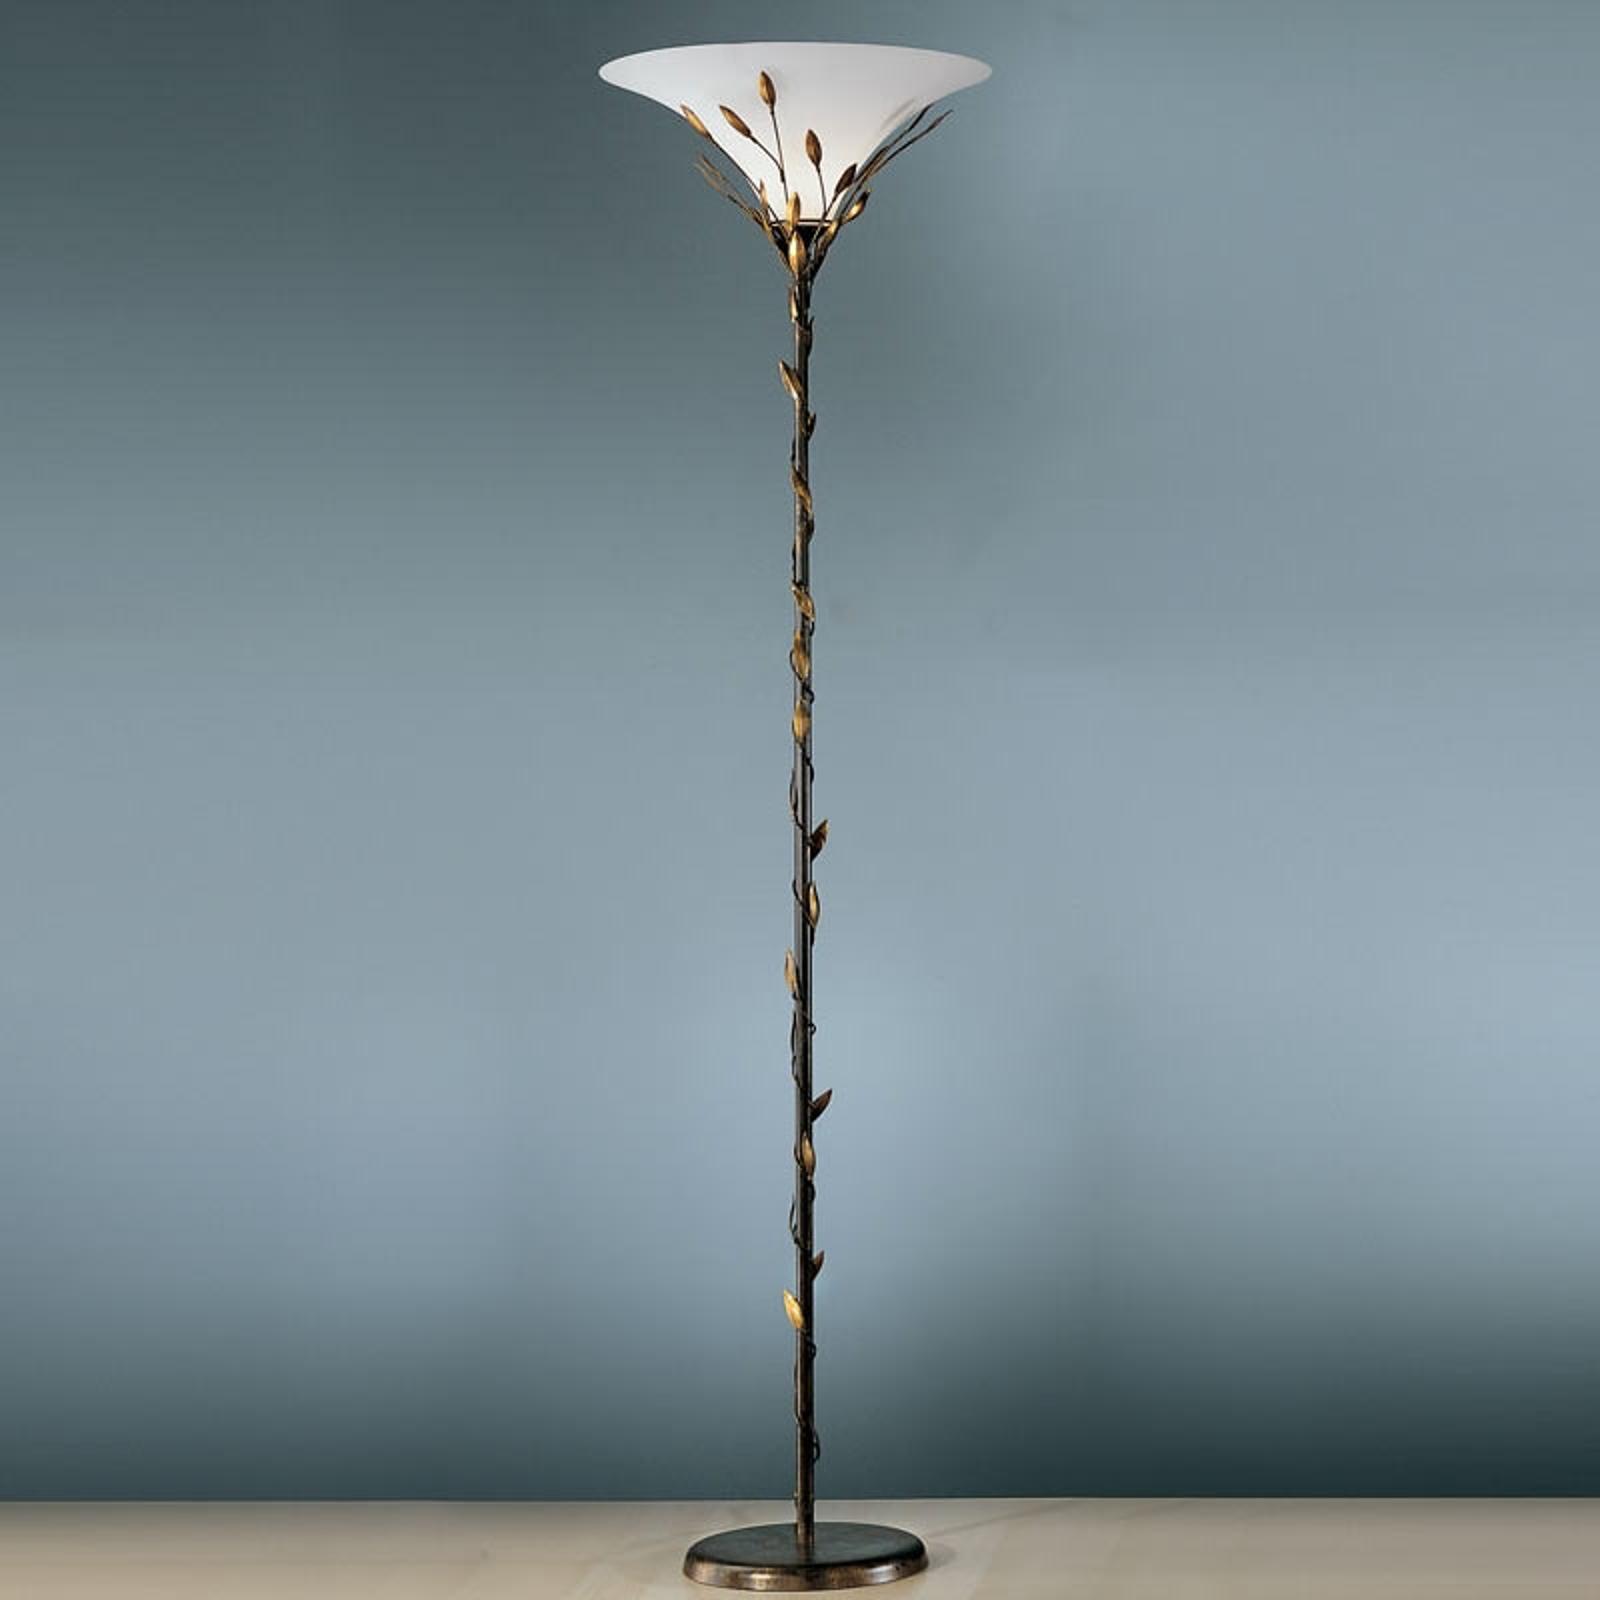 Golvlampa Campana by Uta Kögl - med dimmer